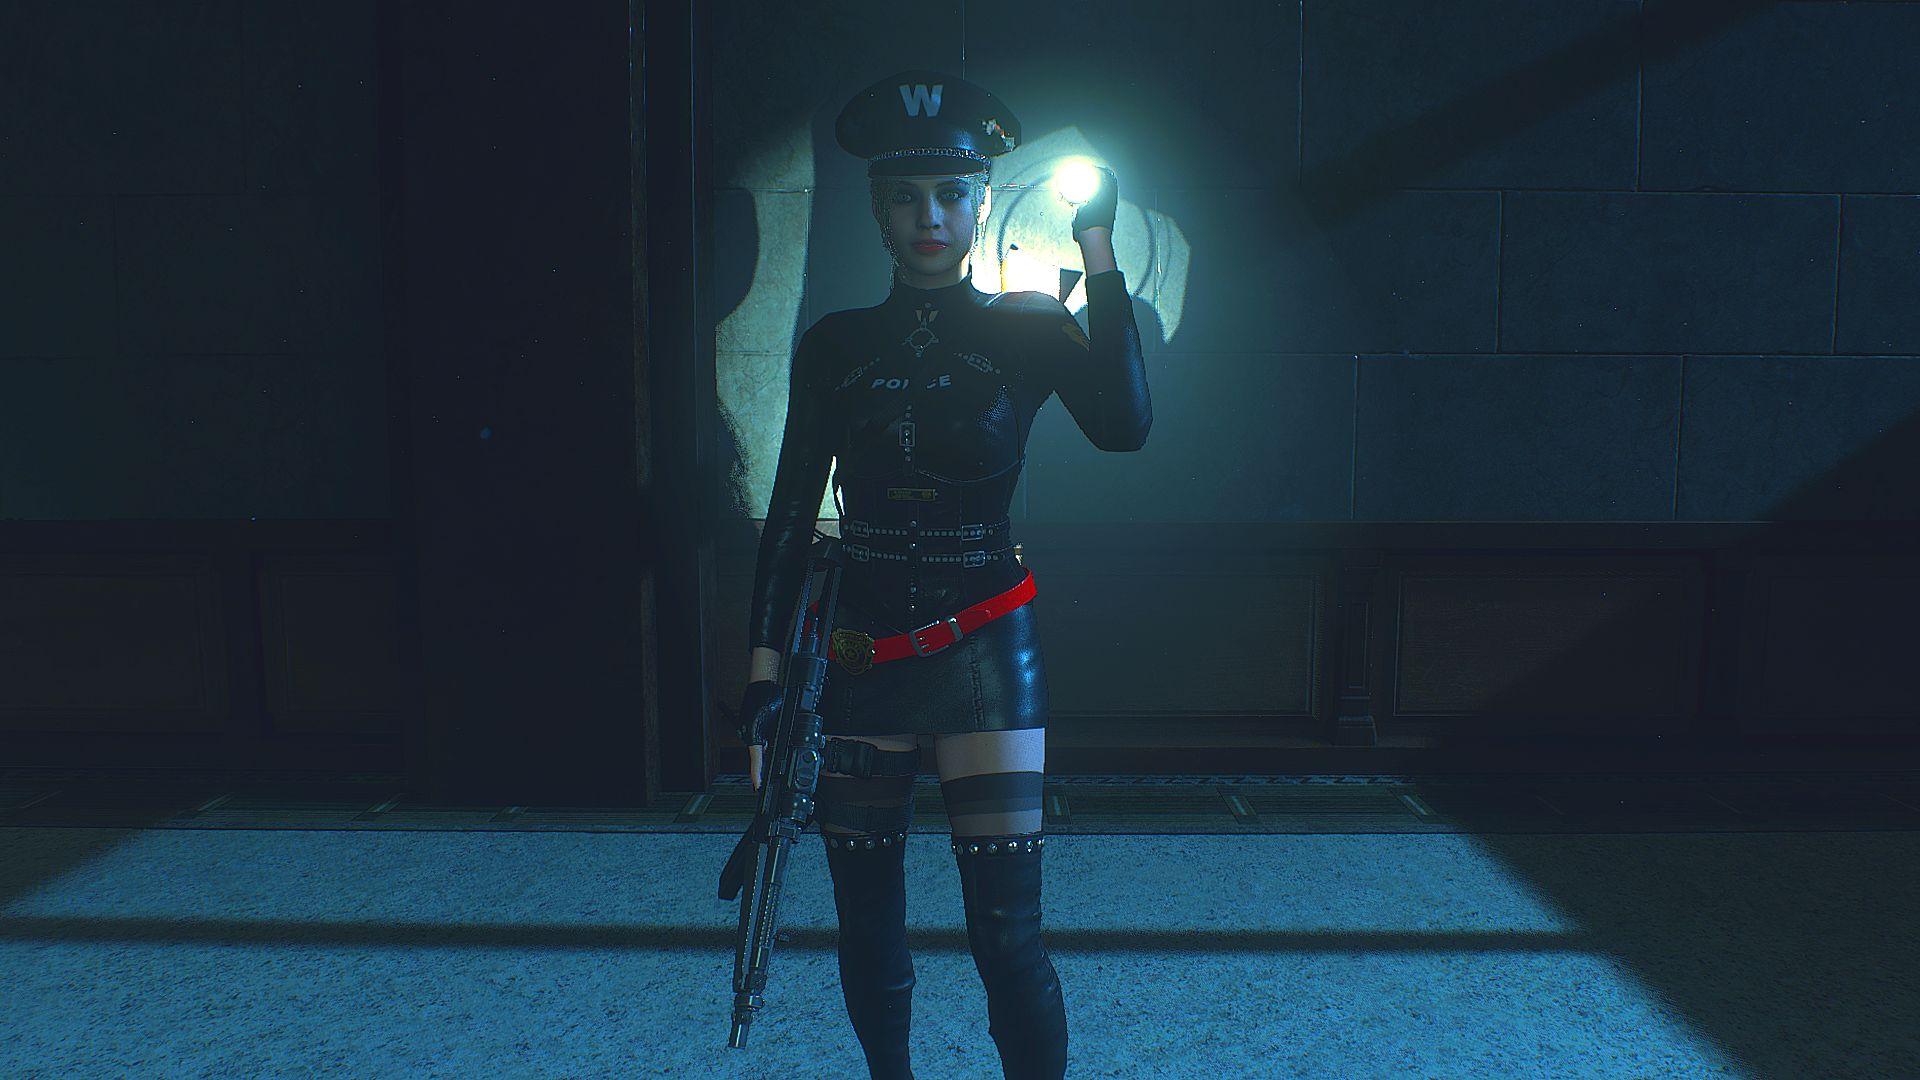 000102.Jpg - Resident Evil 2